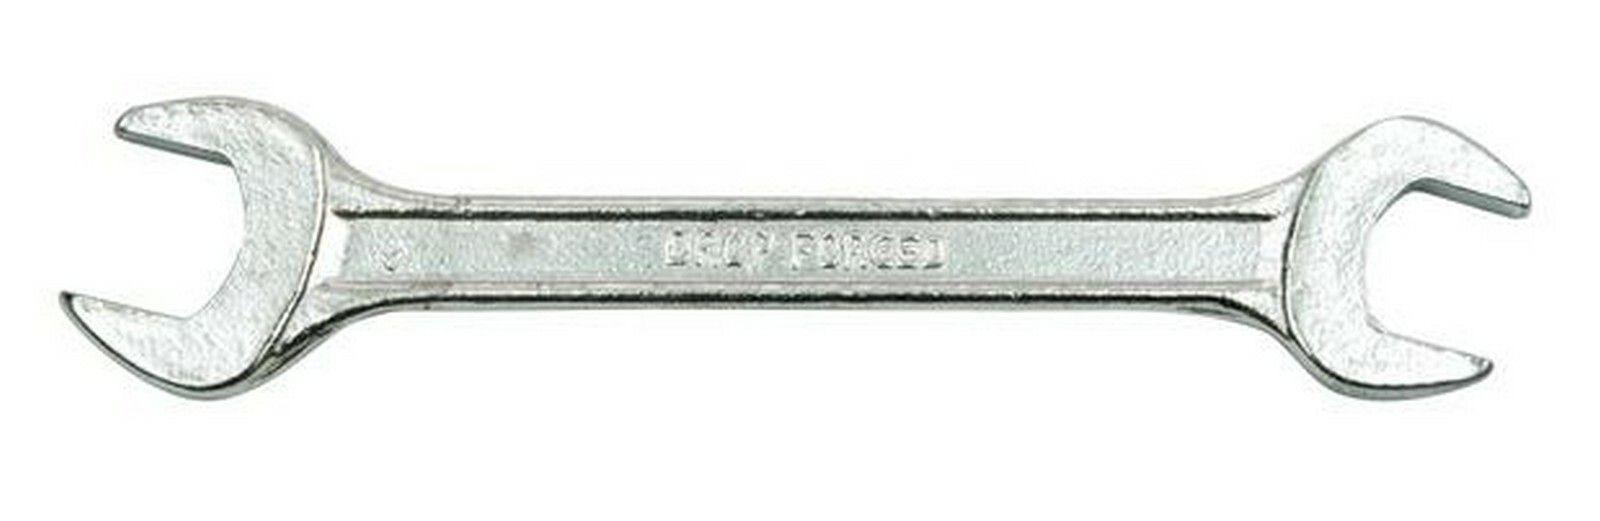 Klíč plochý 8 x 9 mm TOYA